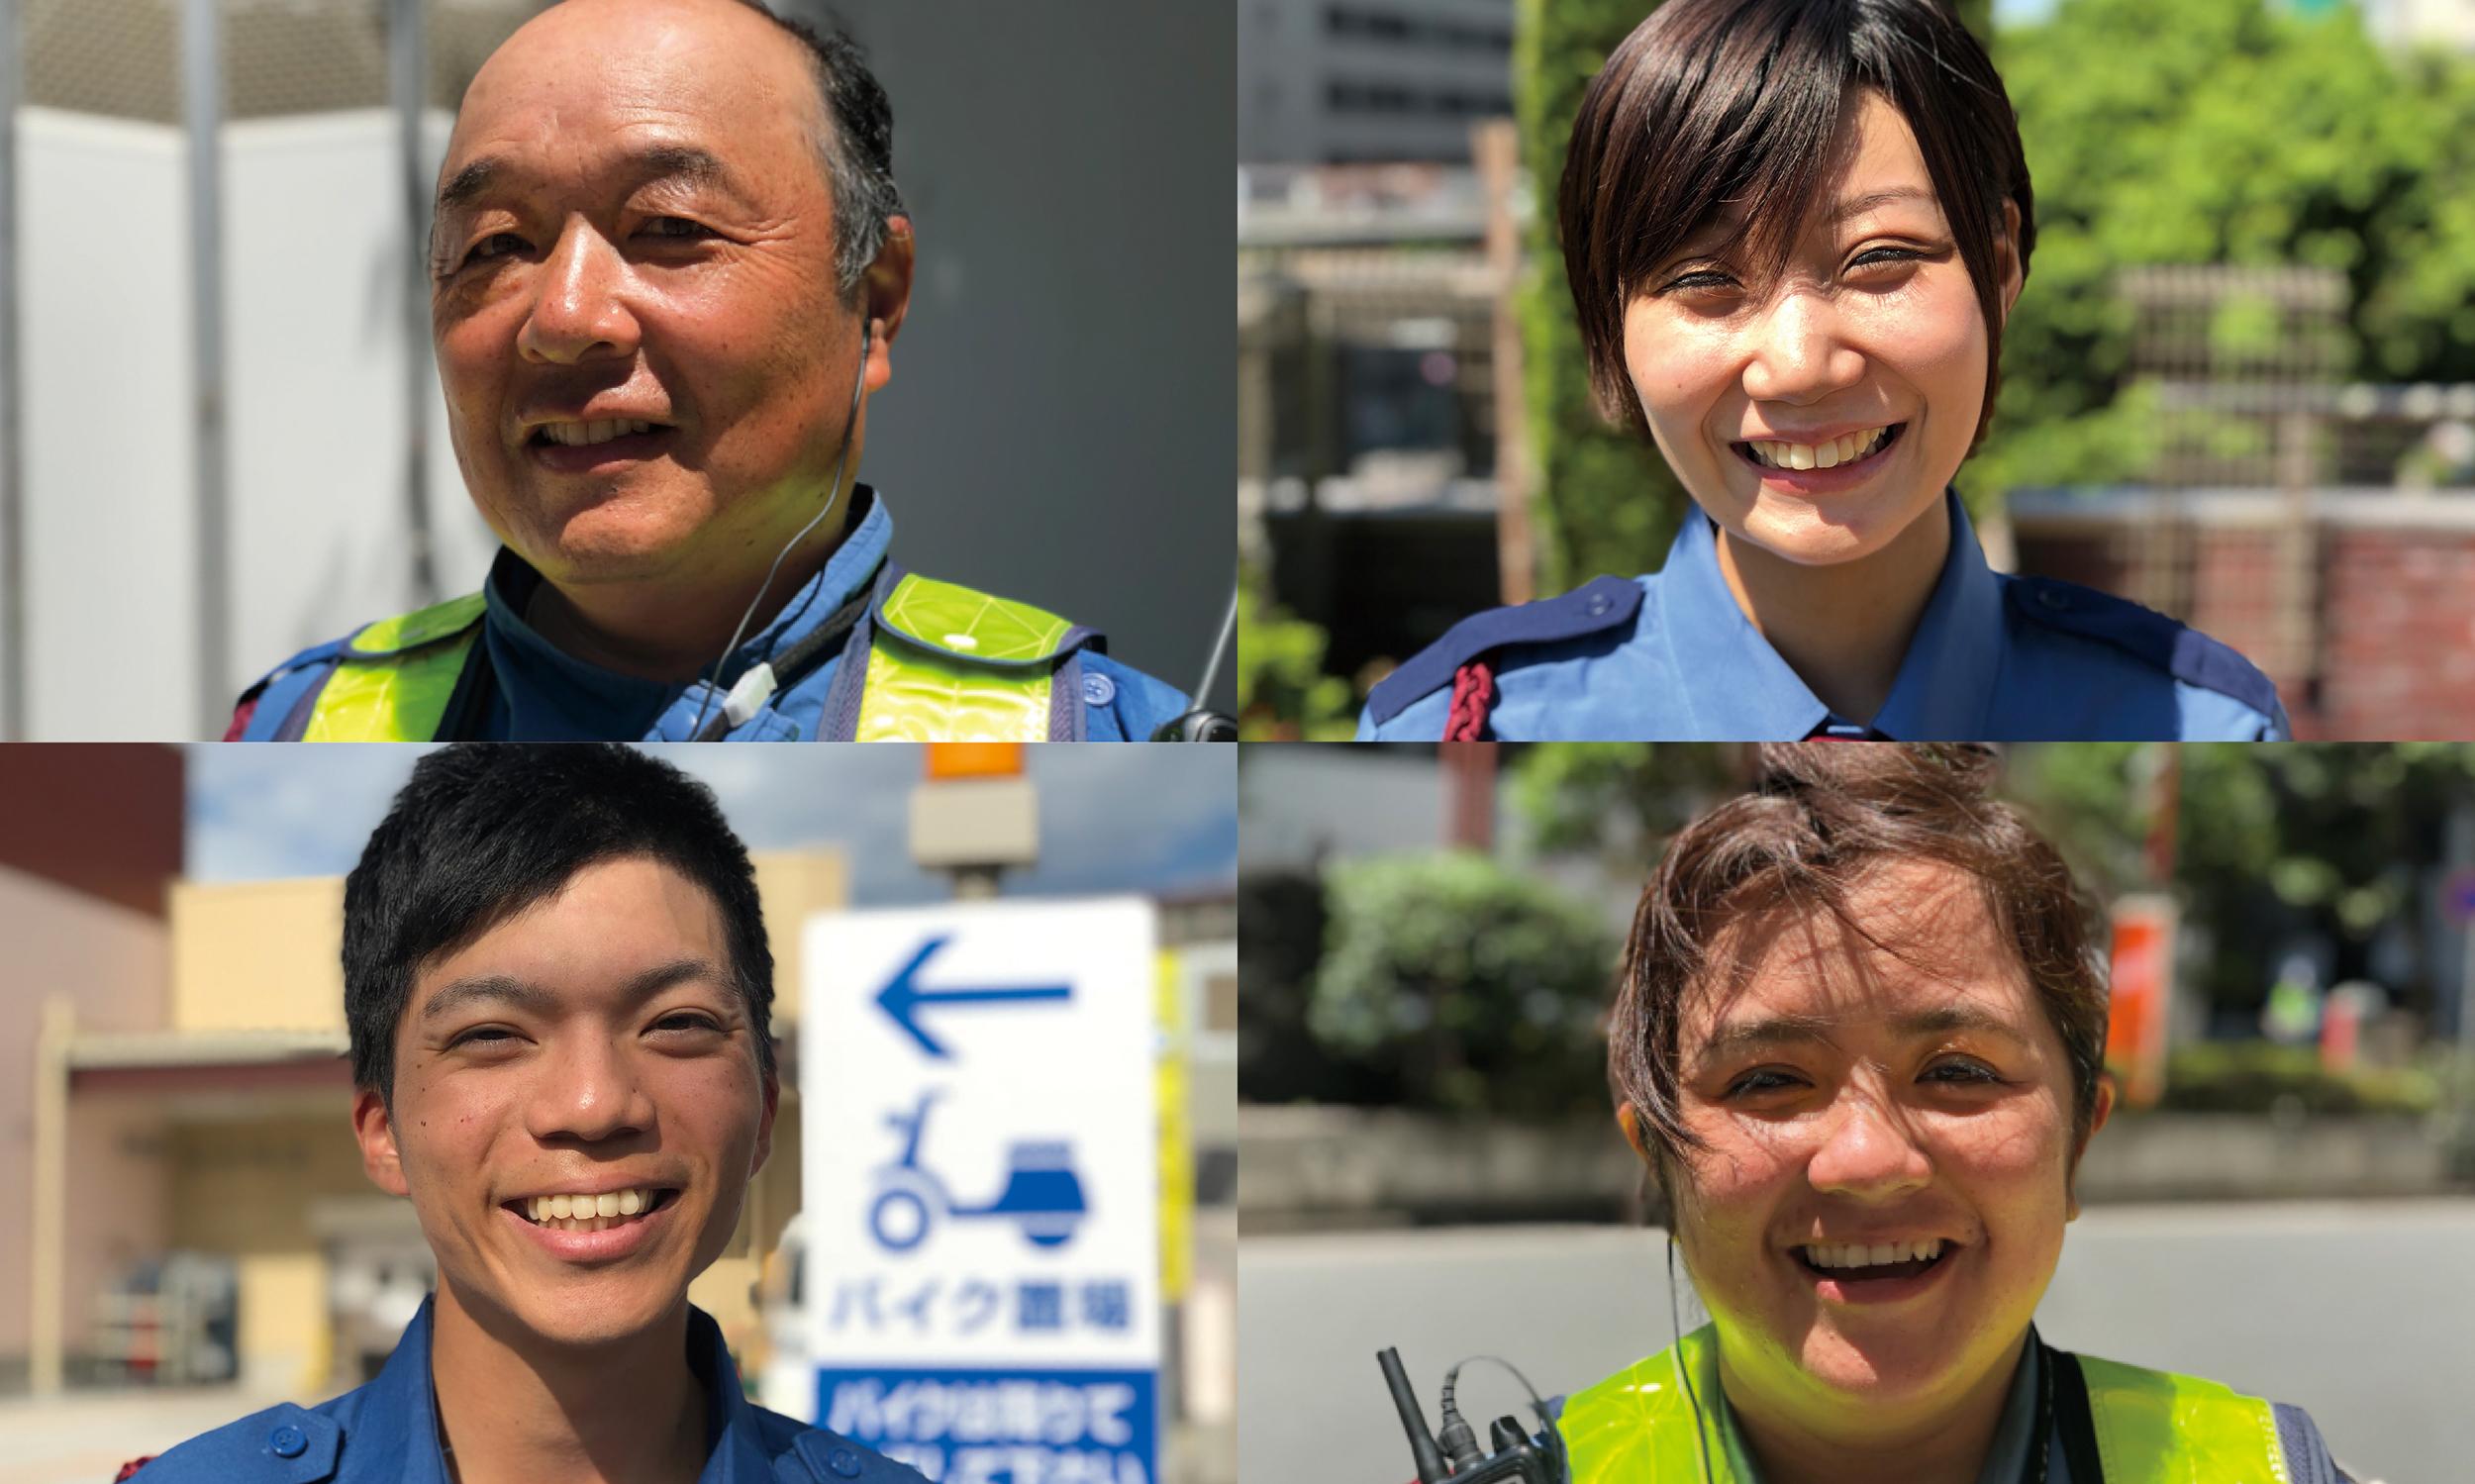 【警備】★錦糸町エリア★再開発建設現場での交通誘導